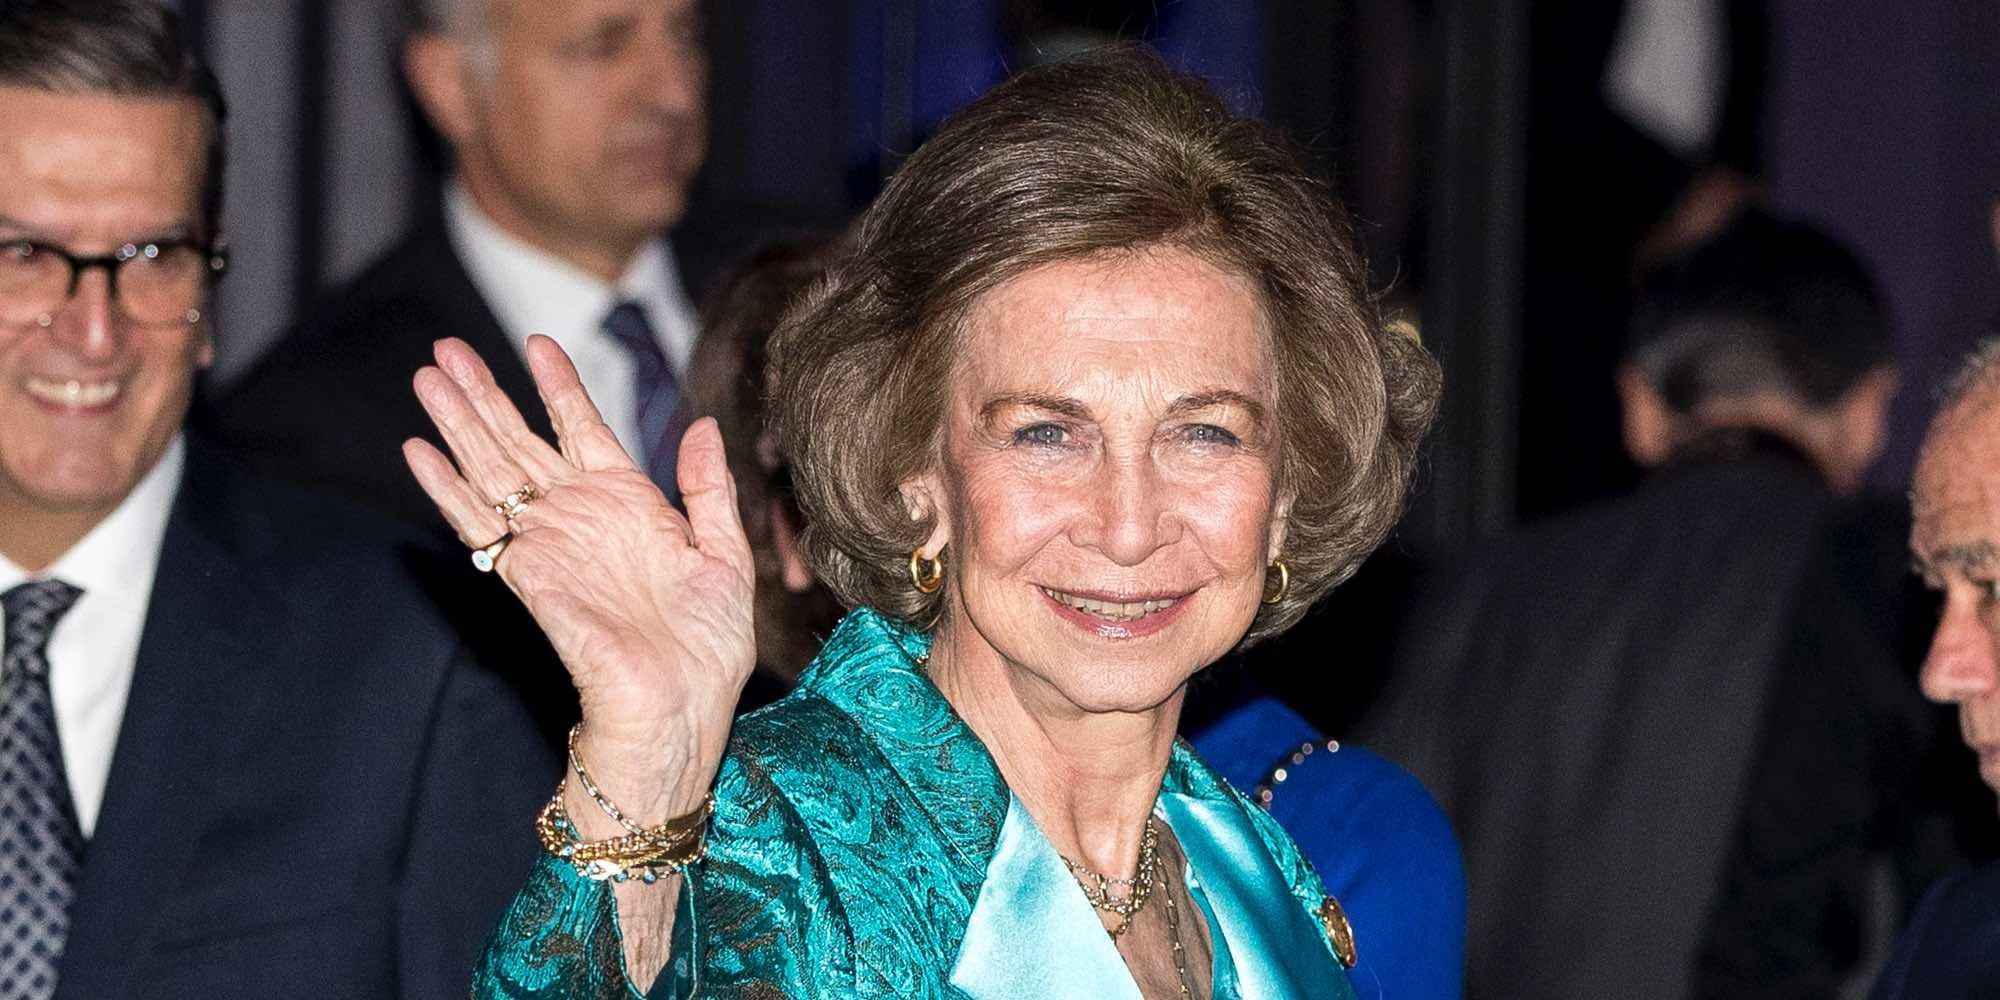 La felicidad de la Reina Sofía por la visita de la Infanta Cristina y sus nietos Miguel e Irene Urdangarin